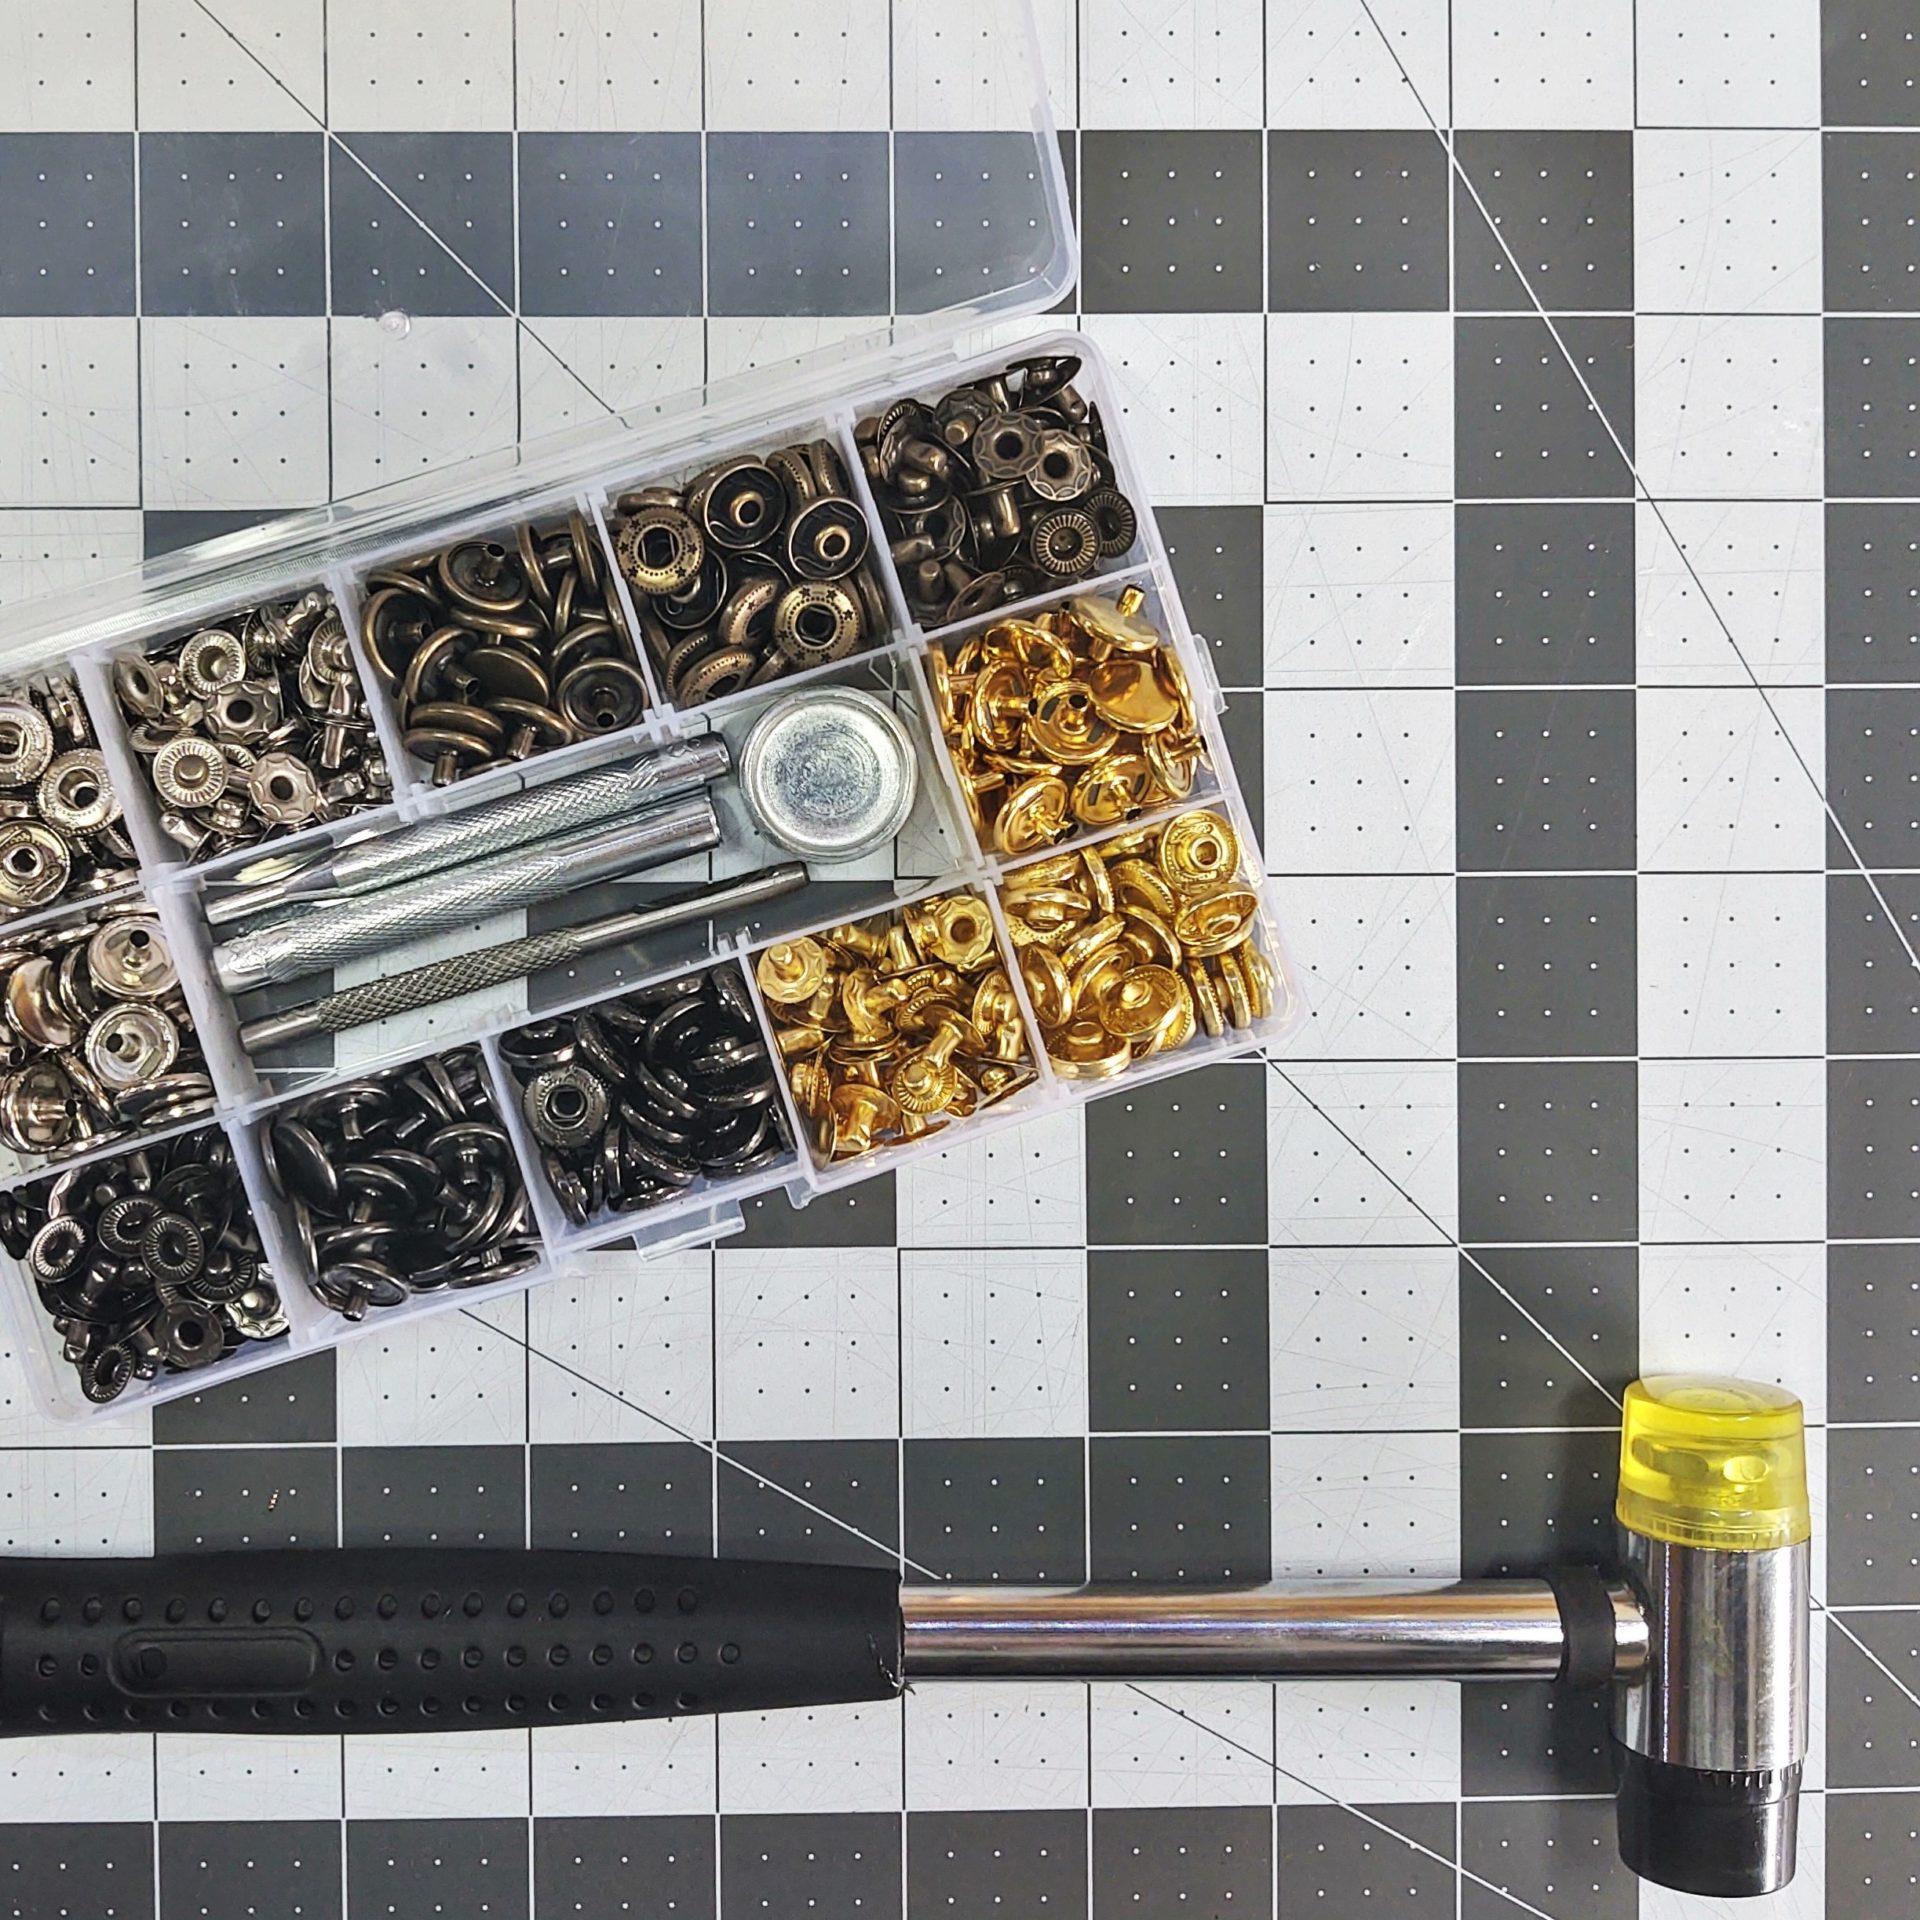 2 - métier à outils - boutons pressions métallique - la p'tite main - Copie